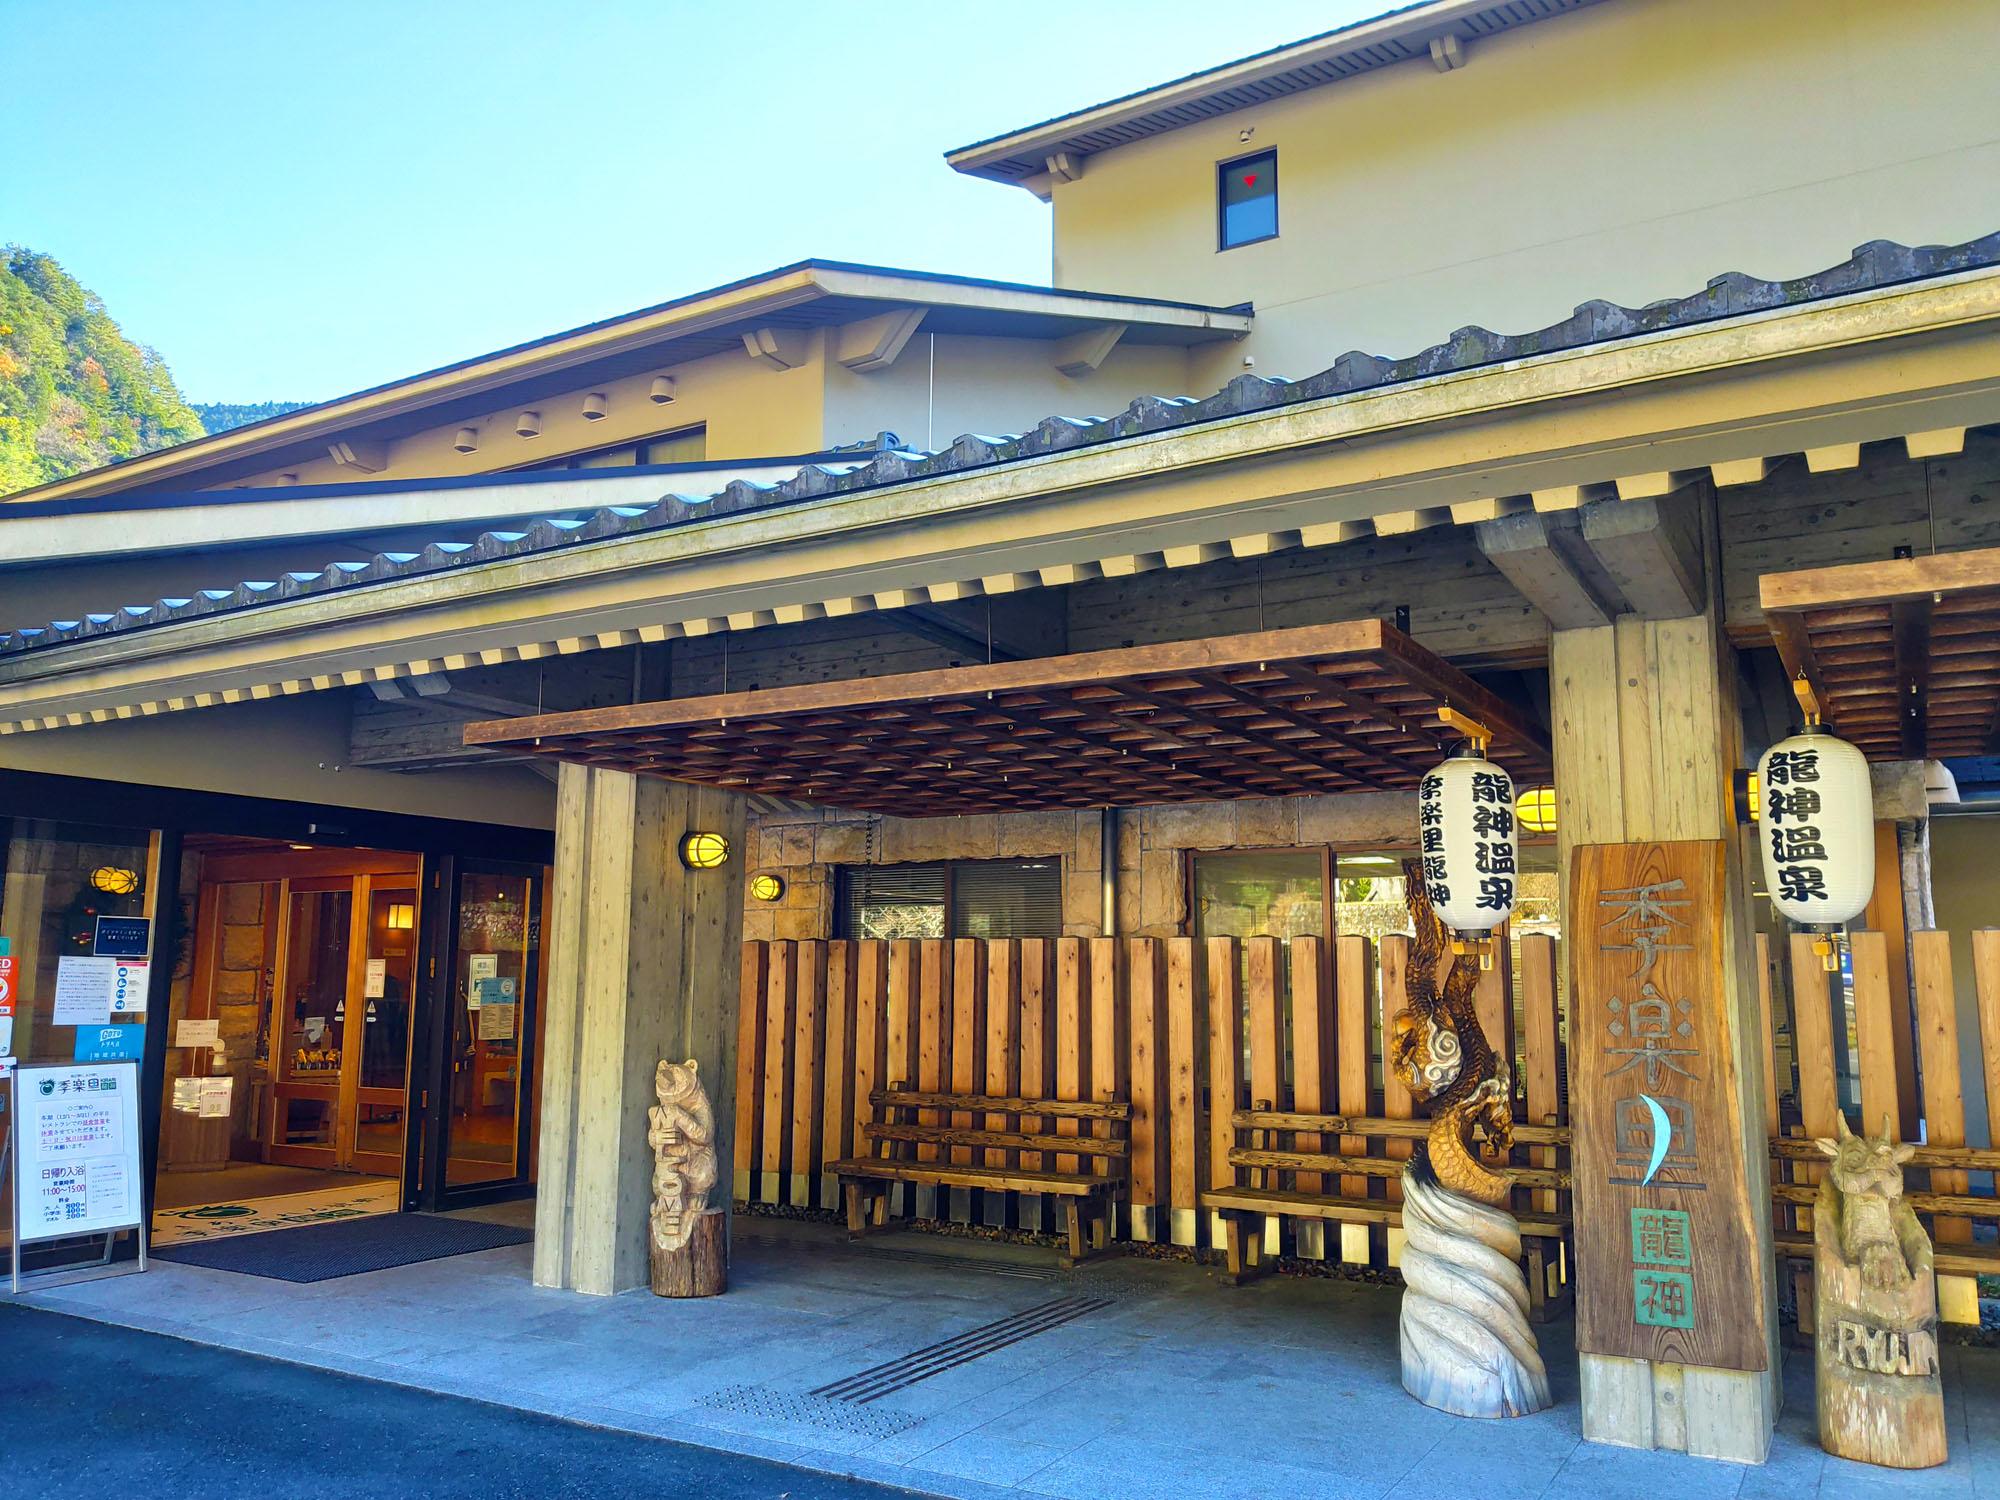 日本三大美人の湯龍神温泉季楽里龍神